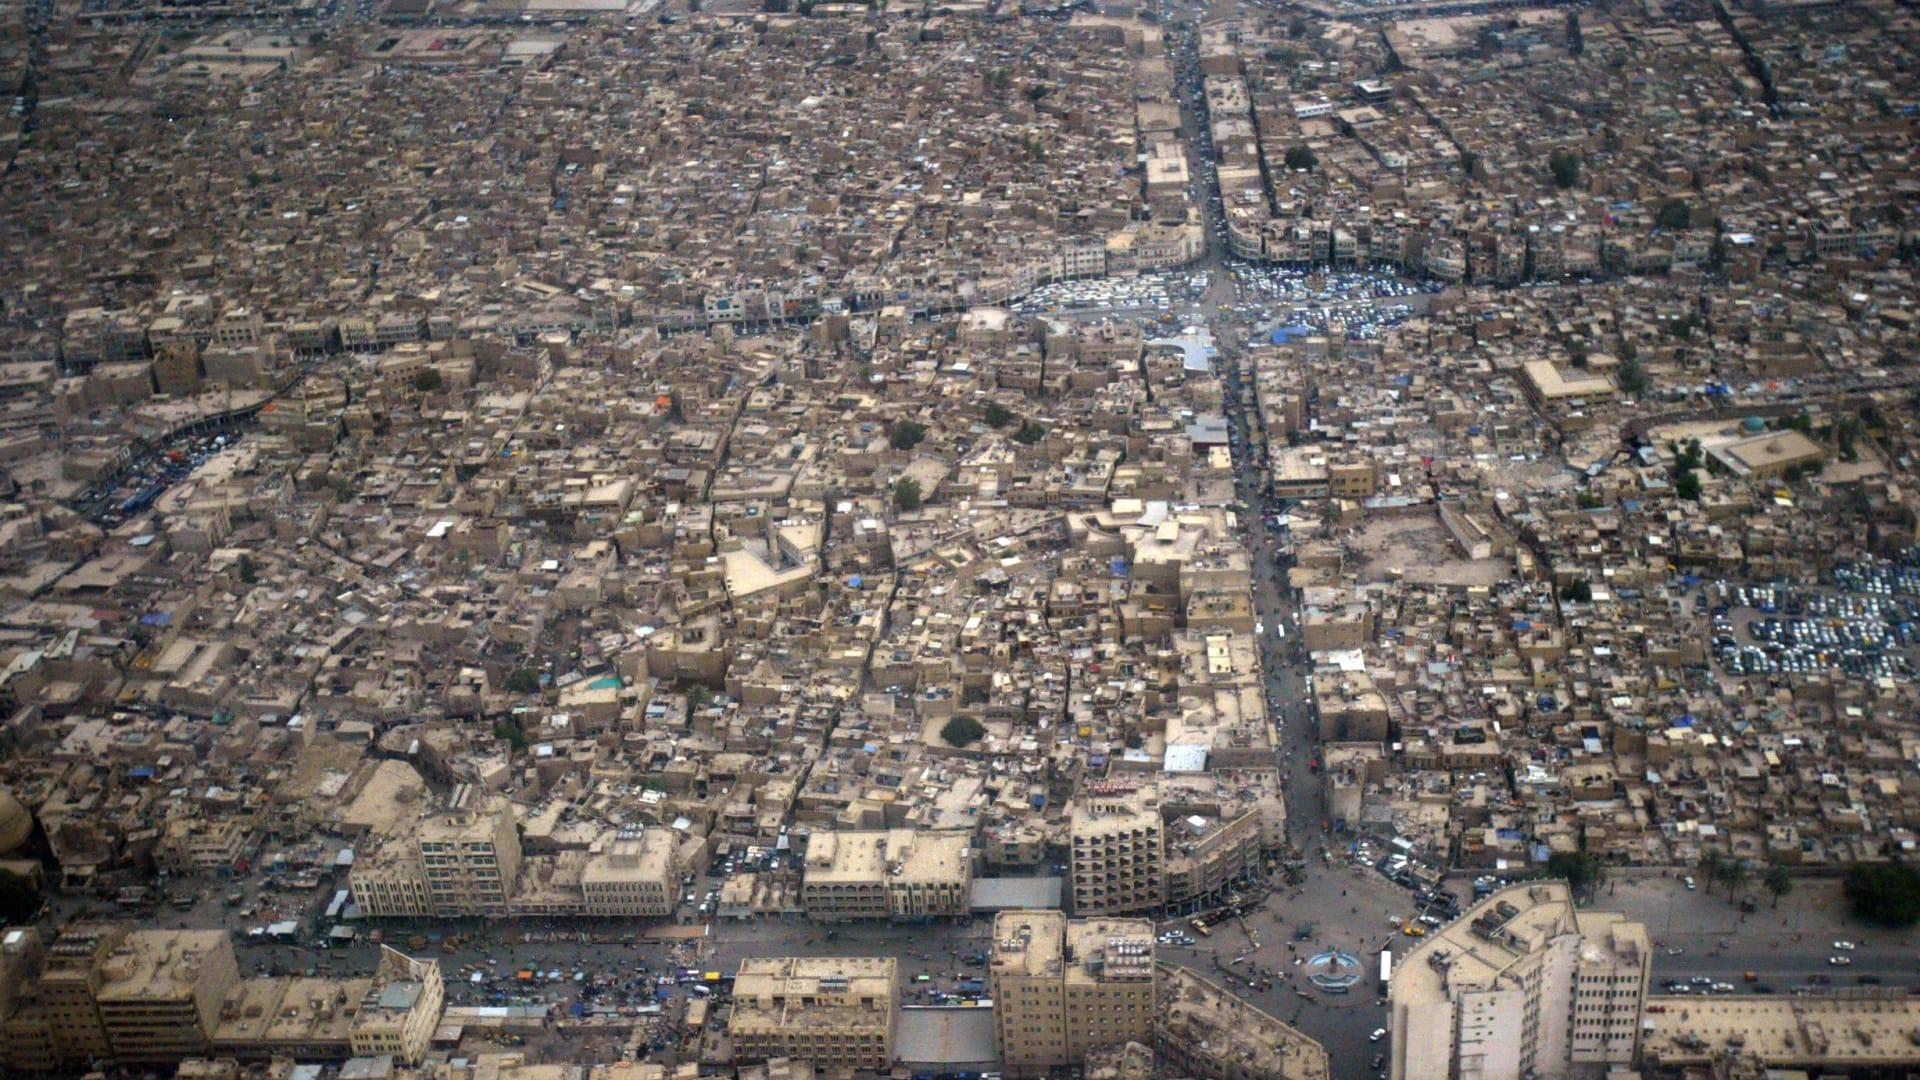 العراق: إطلاق صاروخي كاتيوشا في محيط مطار بغداد الدولي